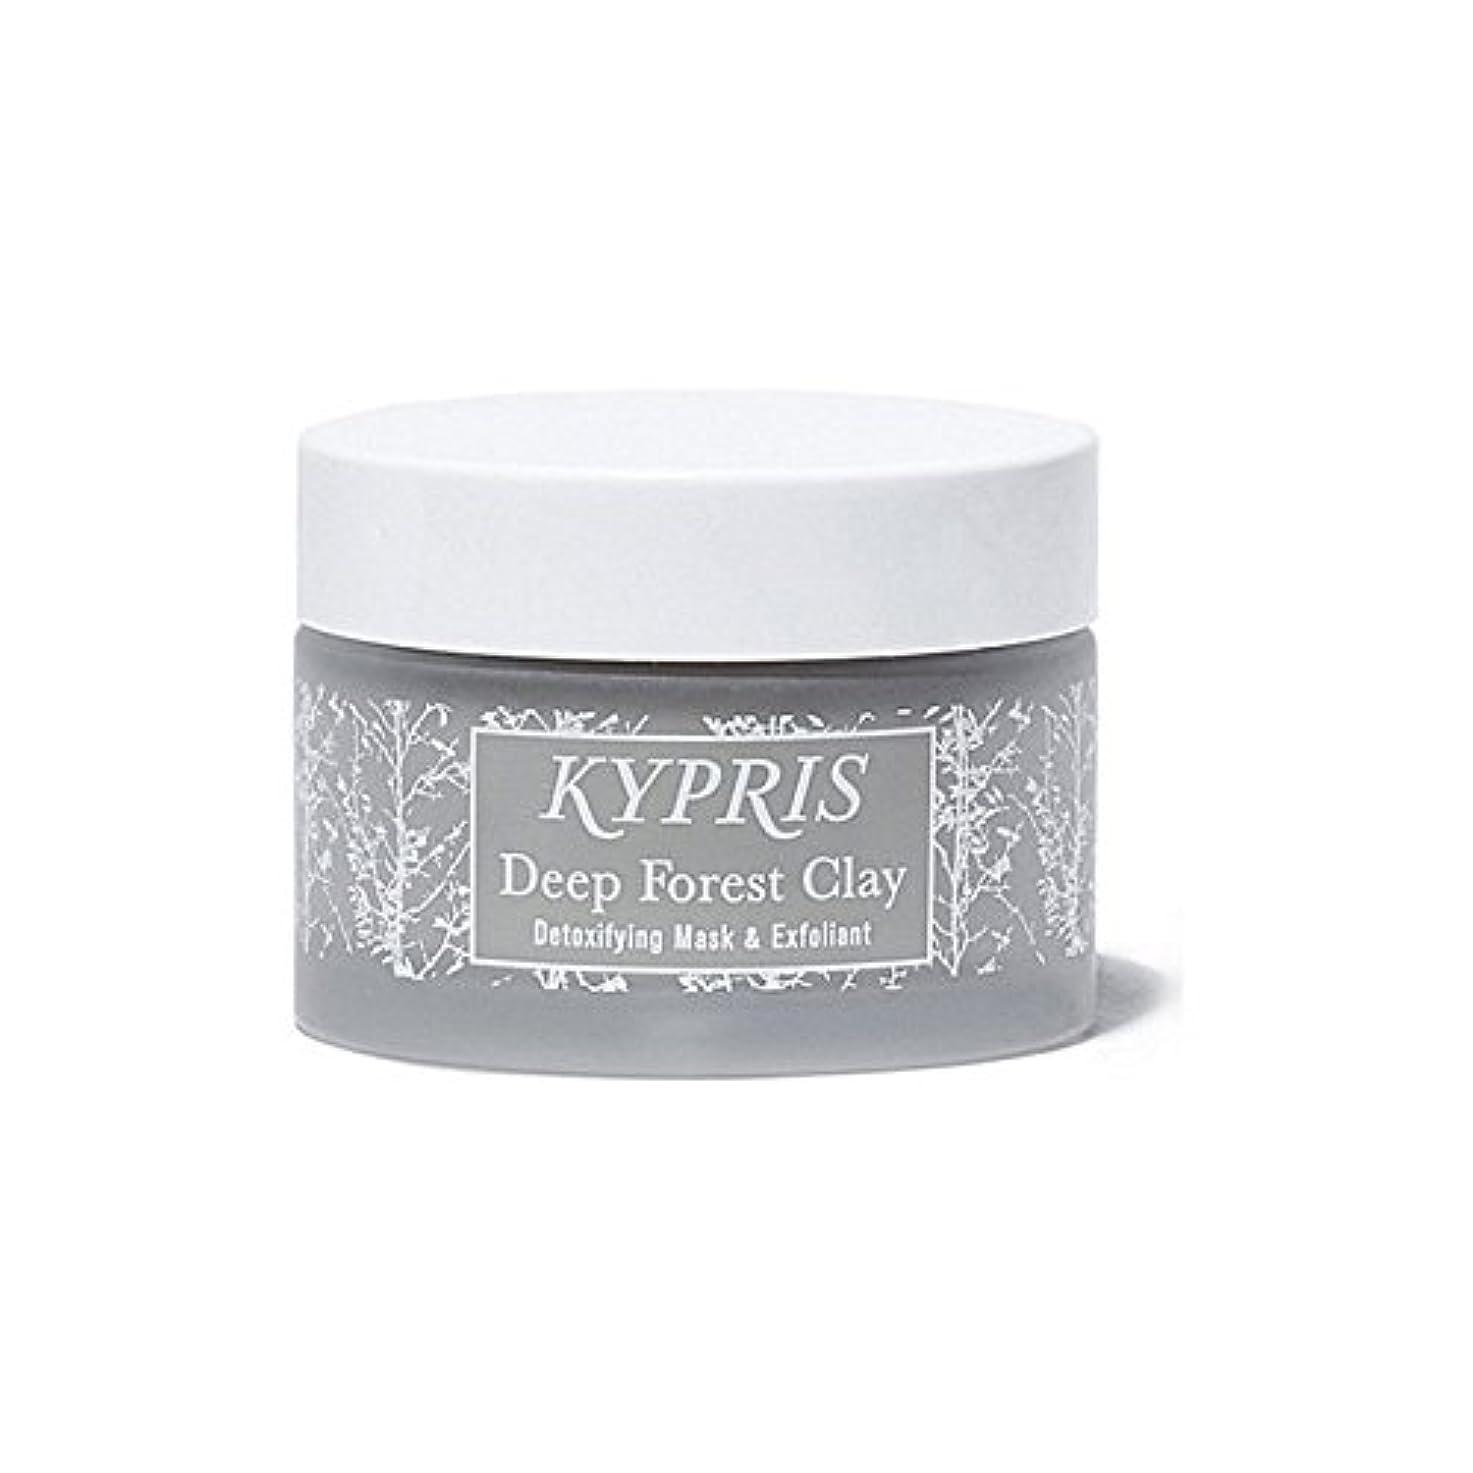 六月蓮故意に深い森粘土を x2 - Kypris Deep Forest Clay (Pack of 2) [並行輸入品]